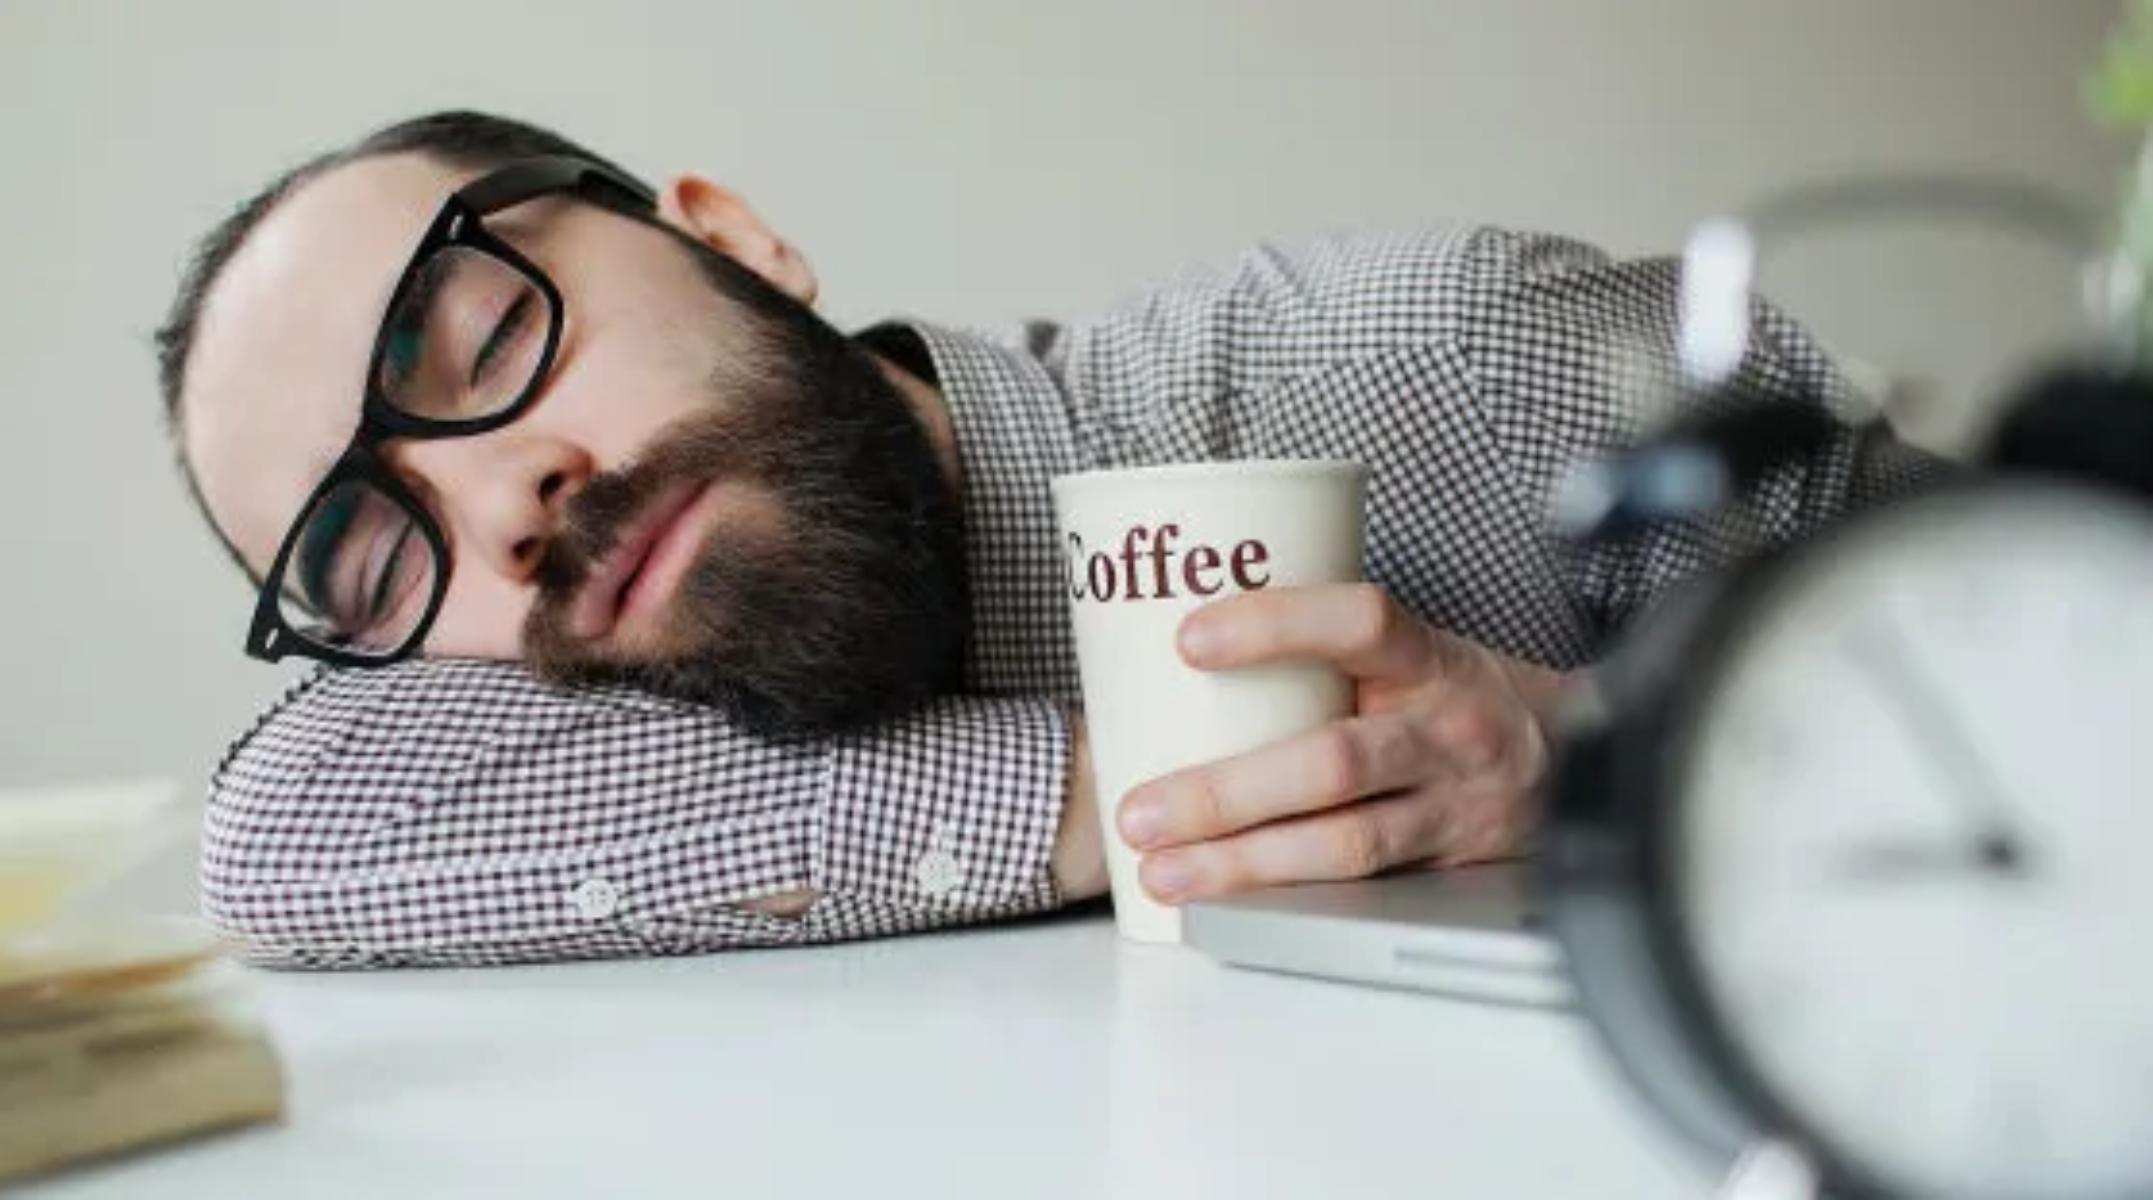 Κόπωση ενέργεια: Πώς να αισθάνεστε λιγότερο κουρασμένος κατά τη διάρκεια της ημέρας